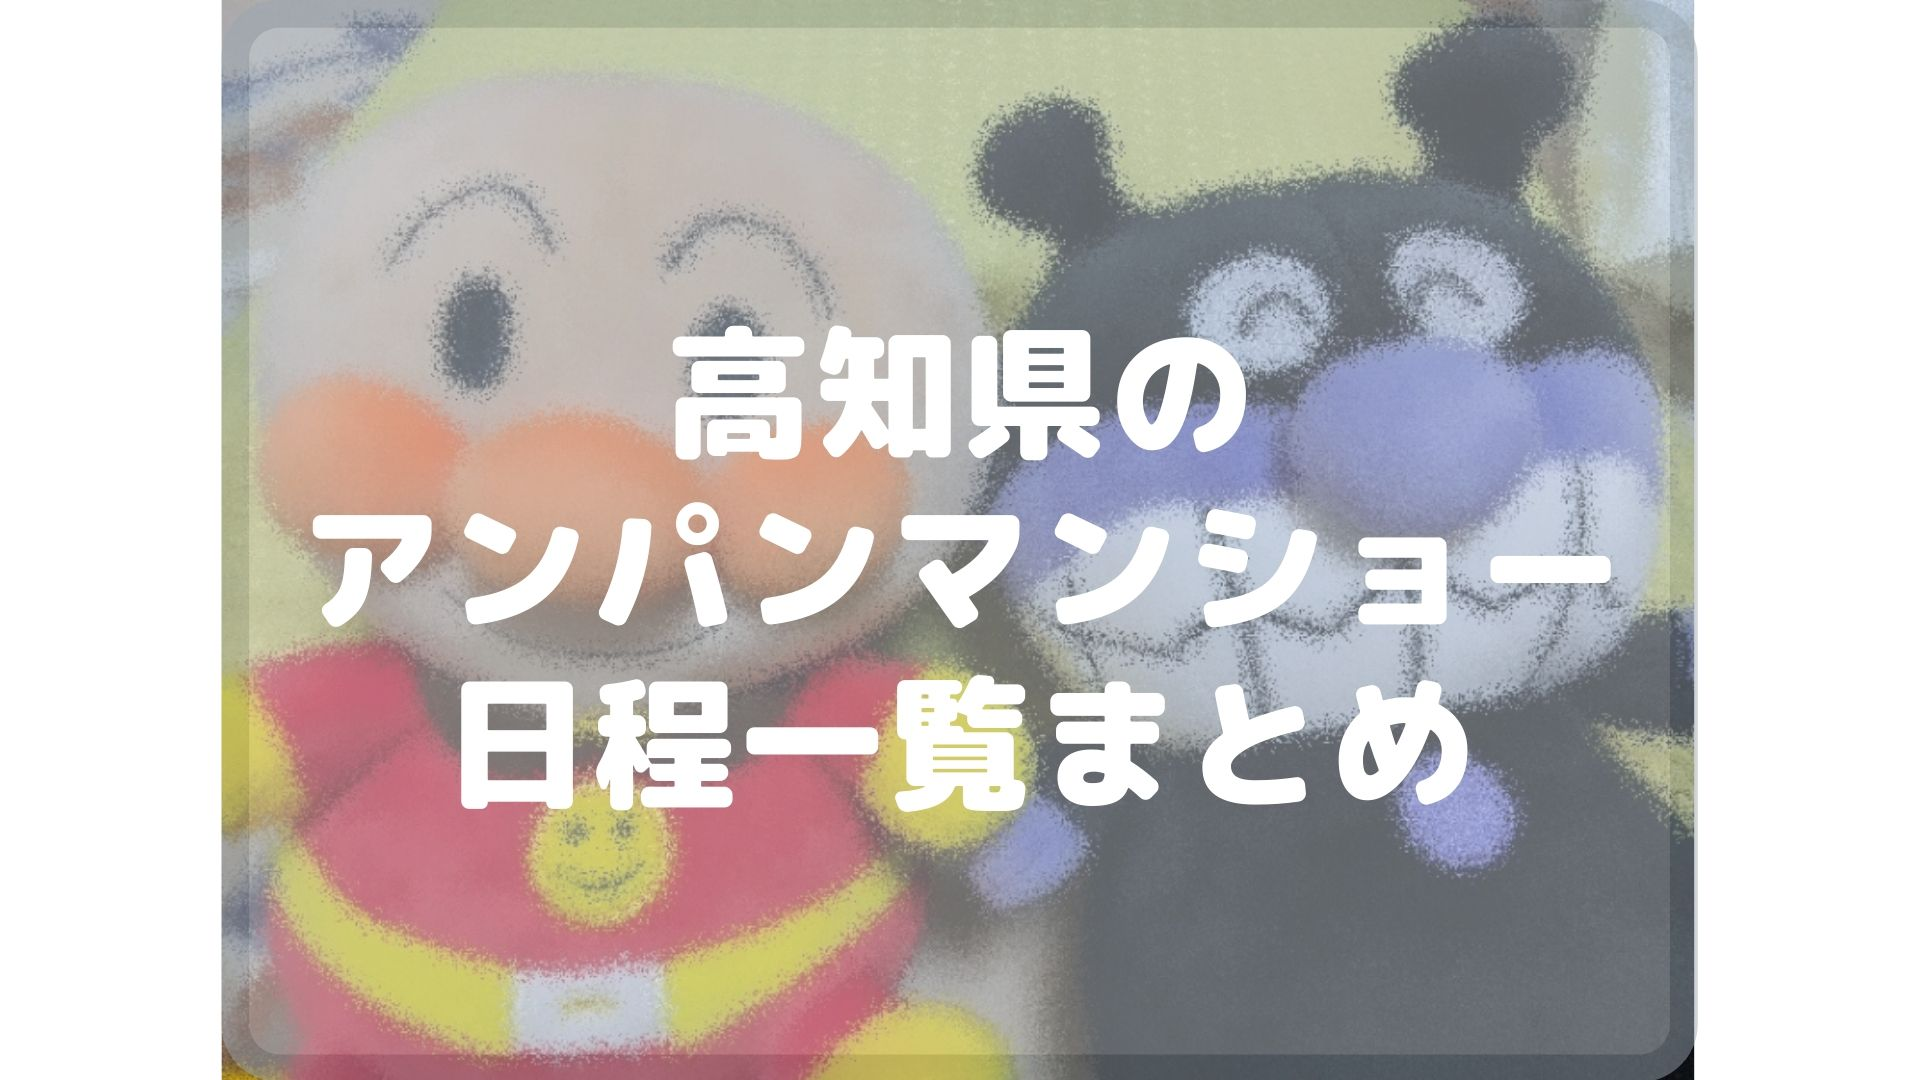 高知県のアンパンマンショーまとめタイトル画像